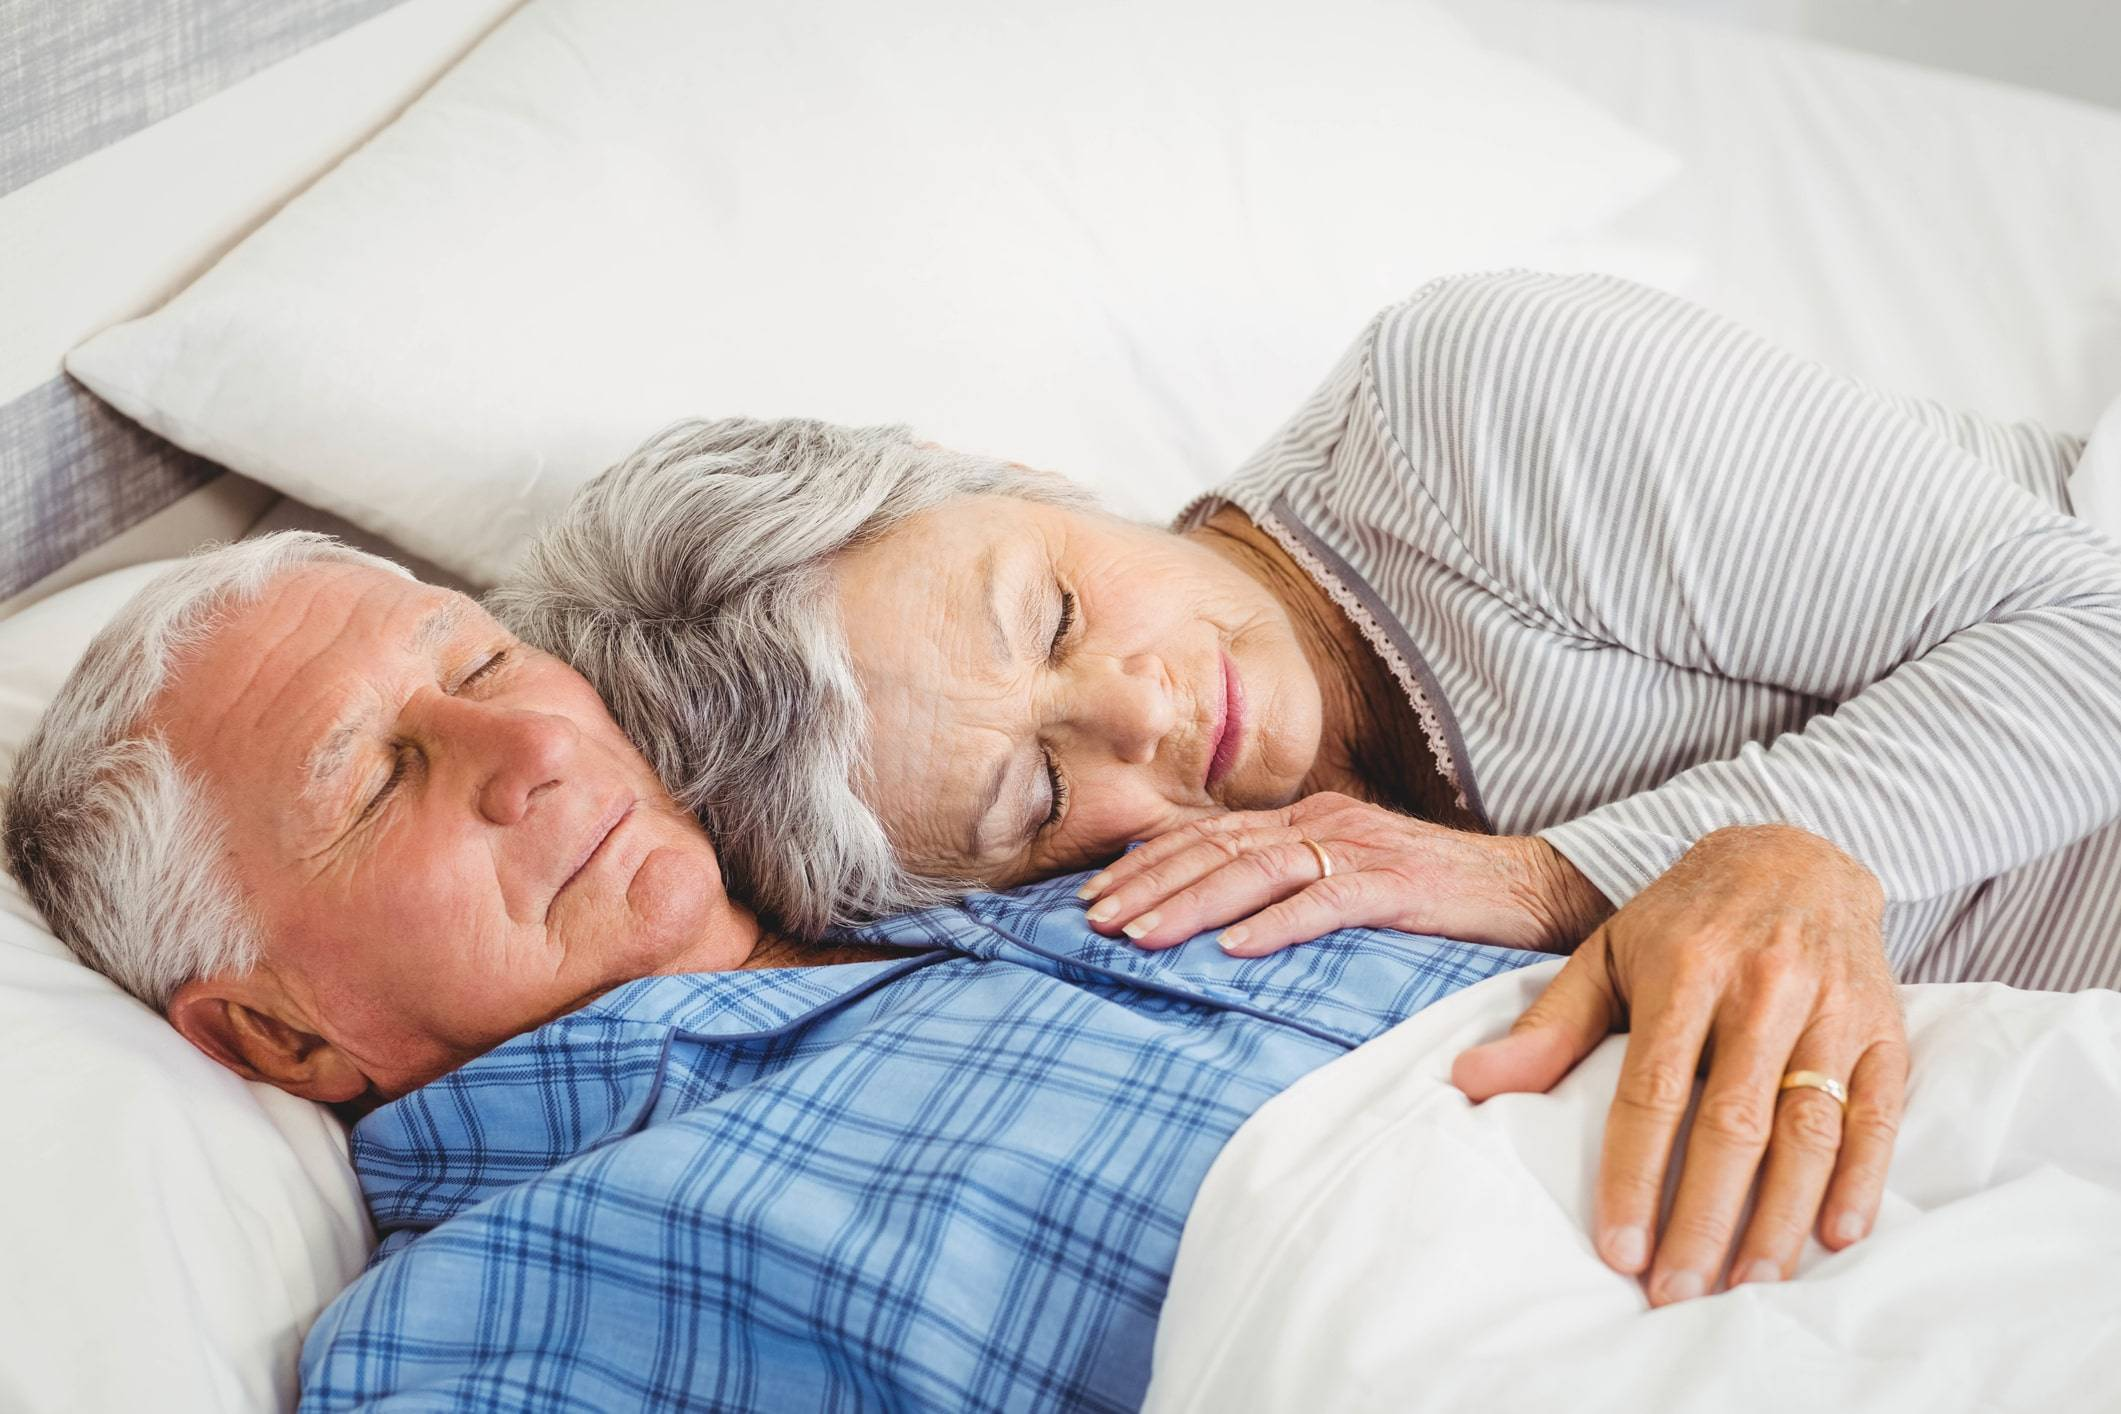 Рецепты эффективных народных средств от бессонницы для пожилых людей